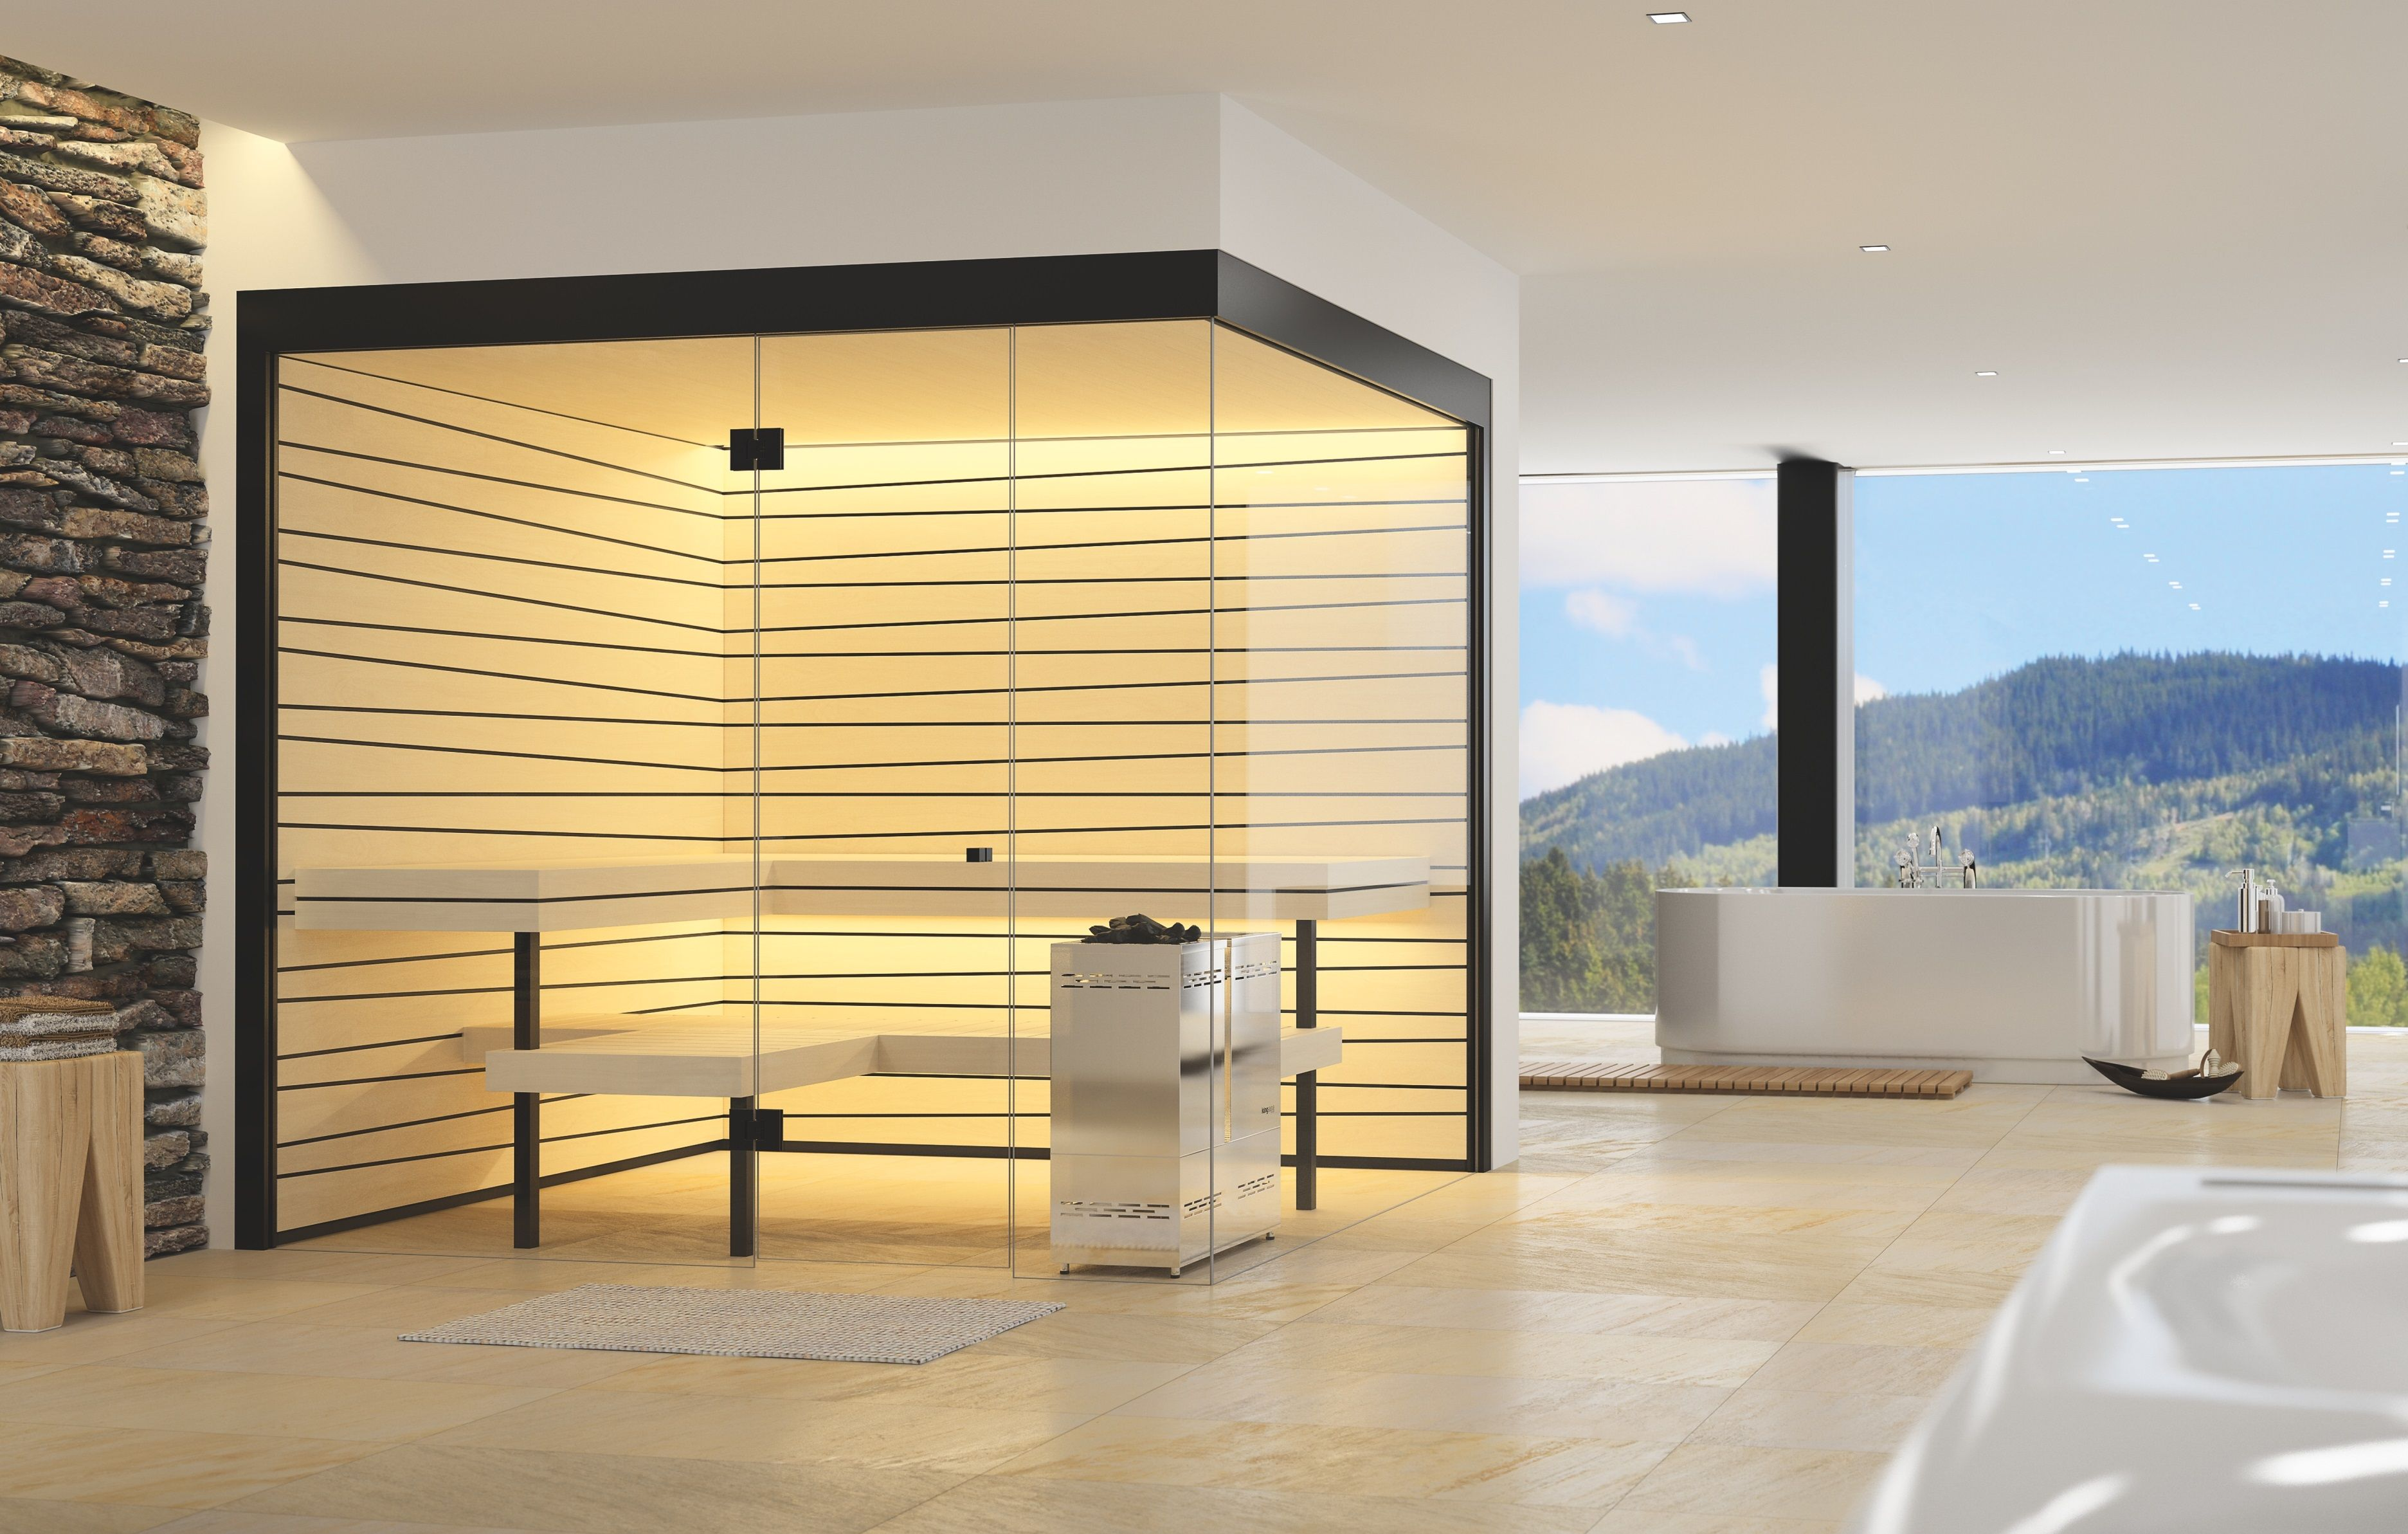 Bezaubernd Sauna Für Zuhause Sammlung Von Vista, Individuelle Bio-sauna Für